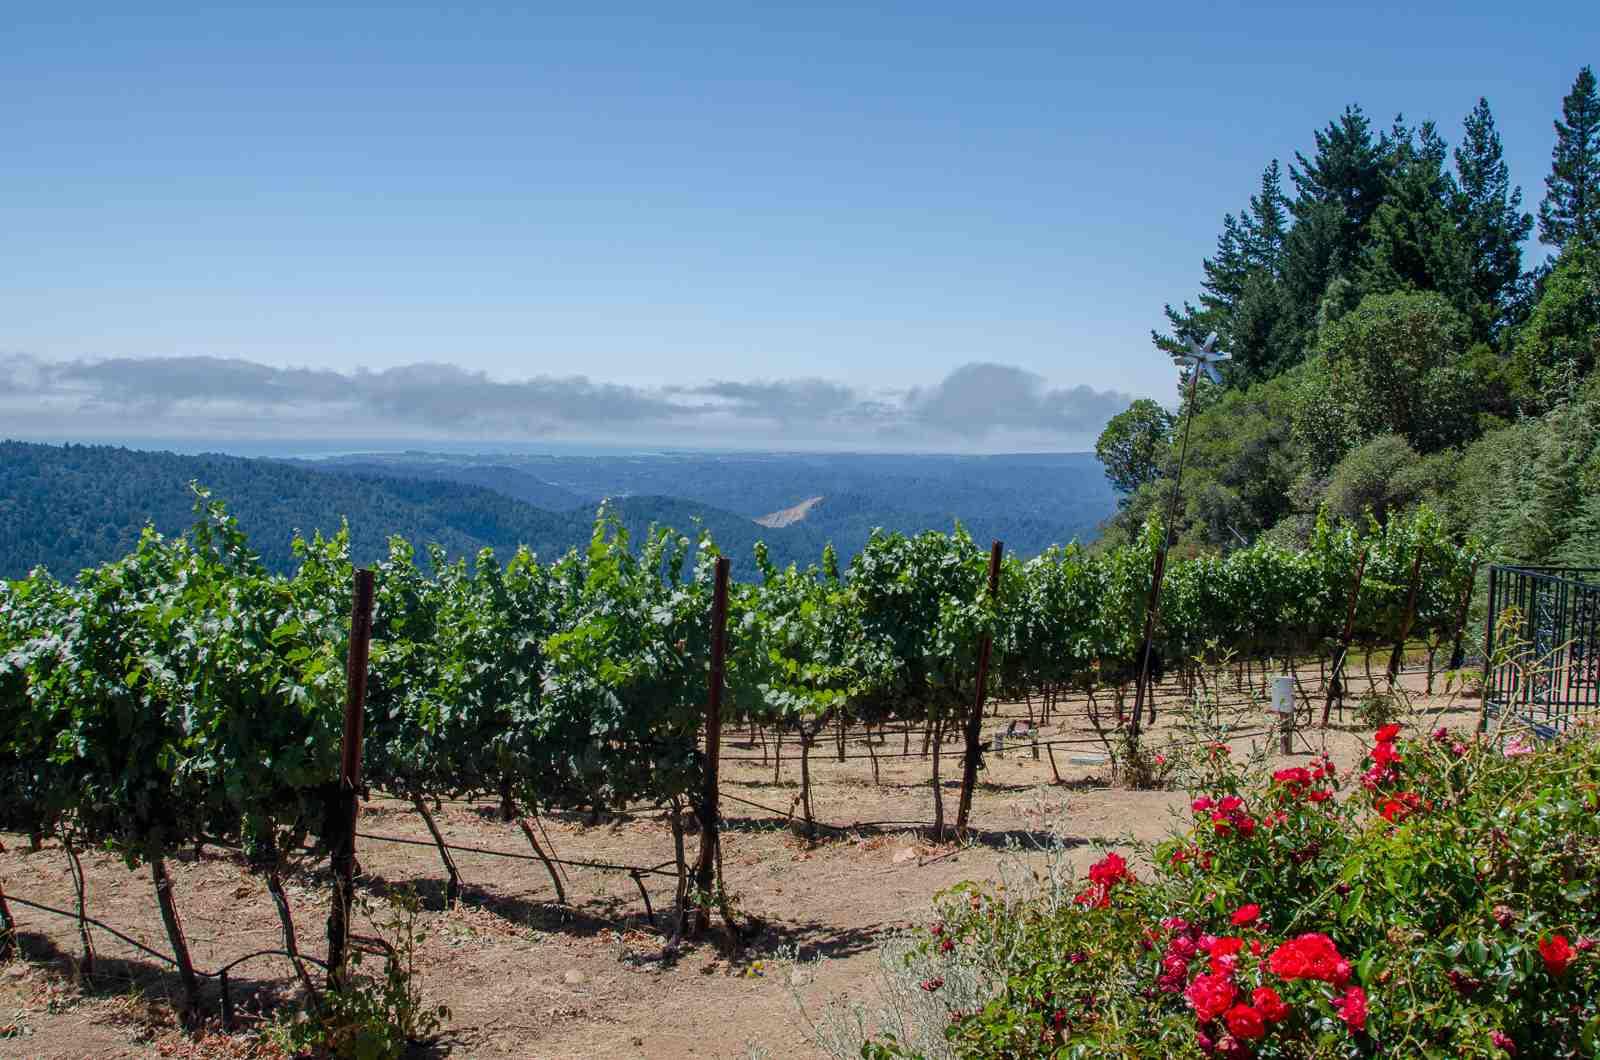 View from Loma Prieta Winery, Los Gatos